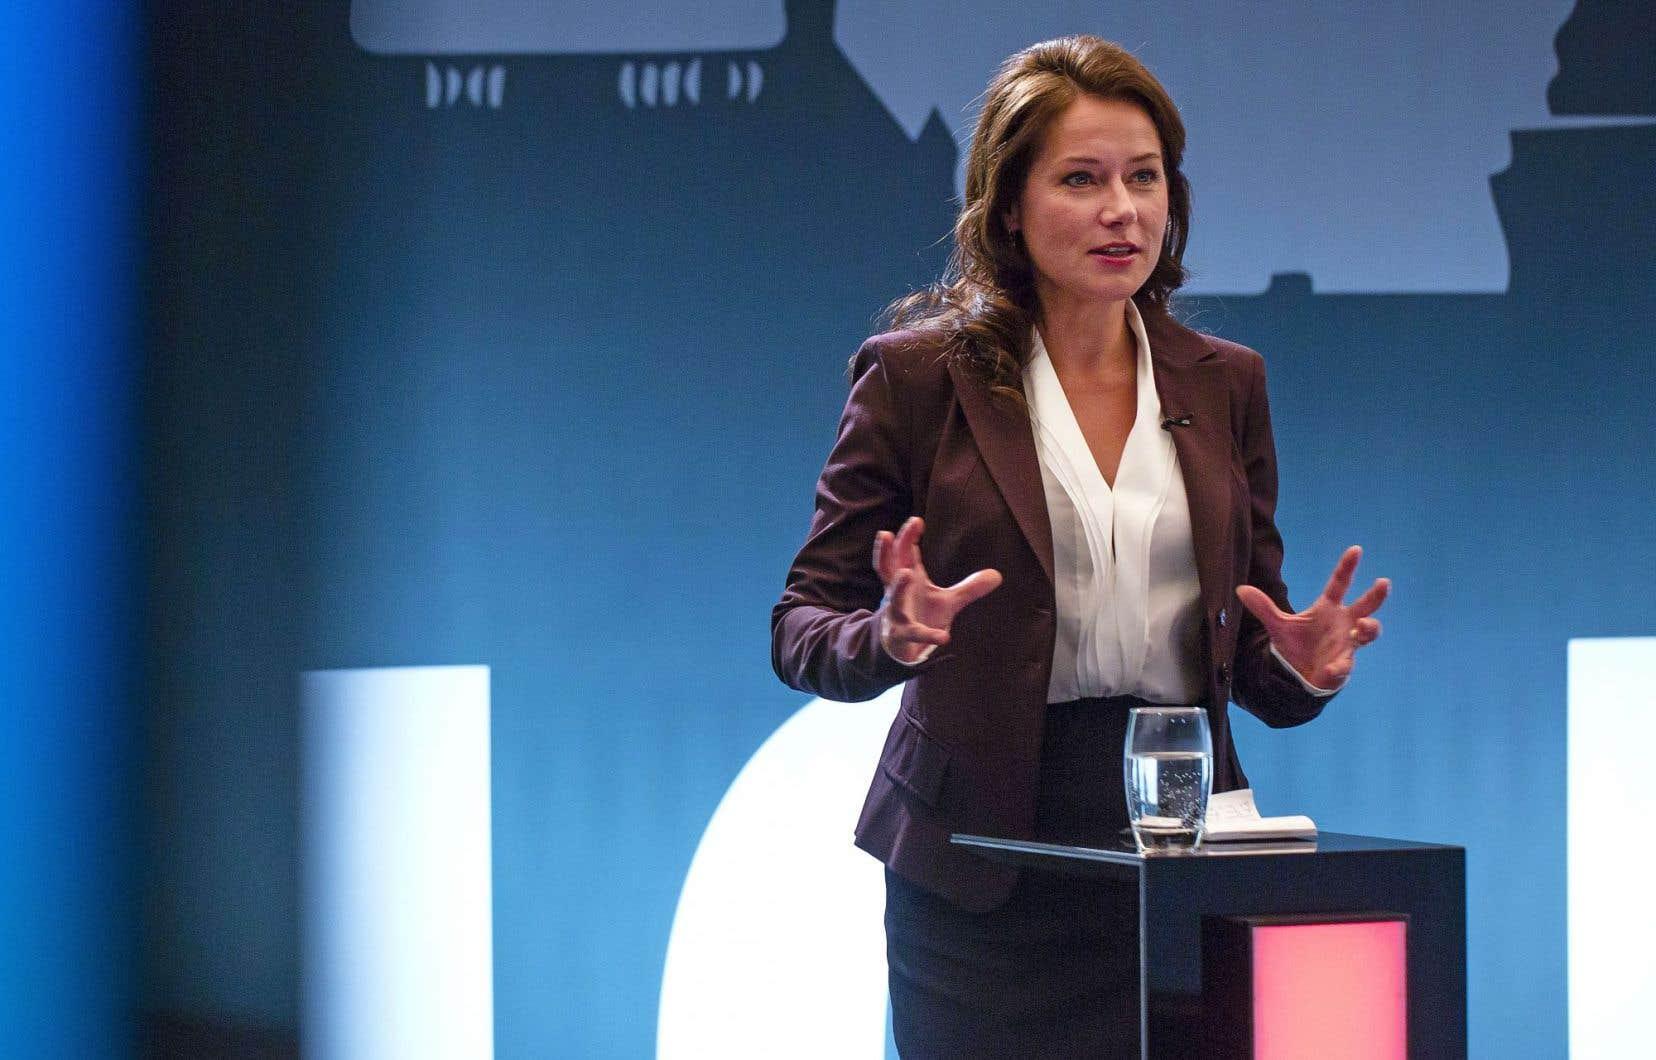 La série danoise «Borgen» est l'une des productions de ce pays qui ont le plus voyagé.